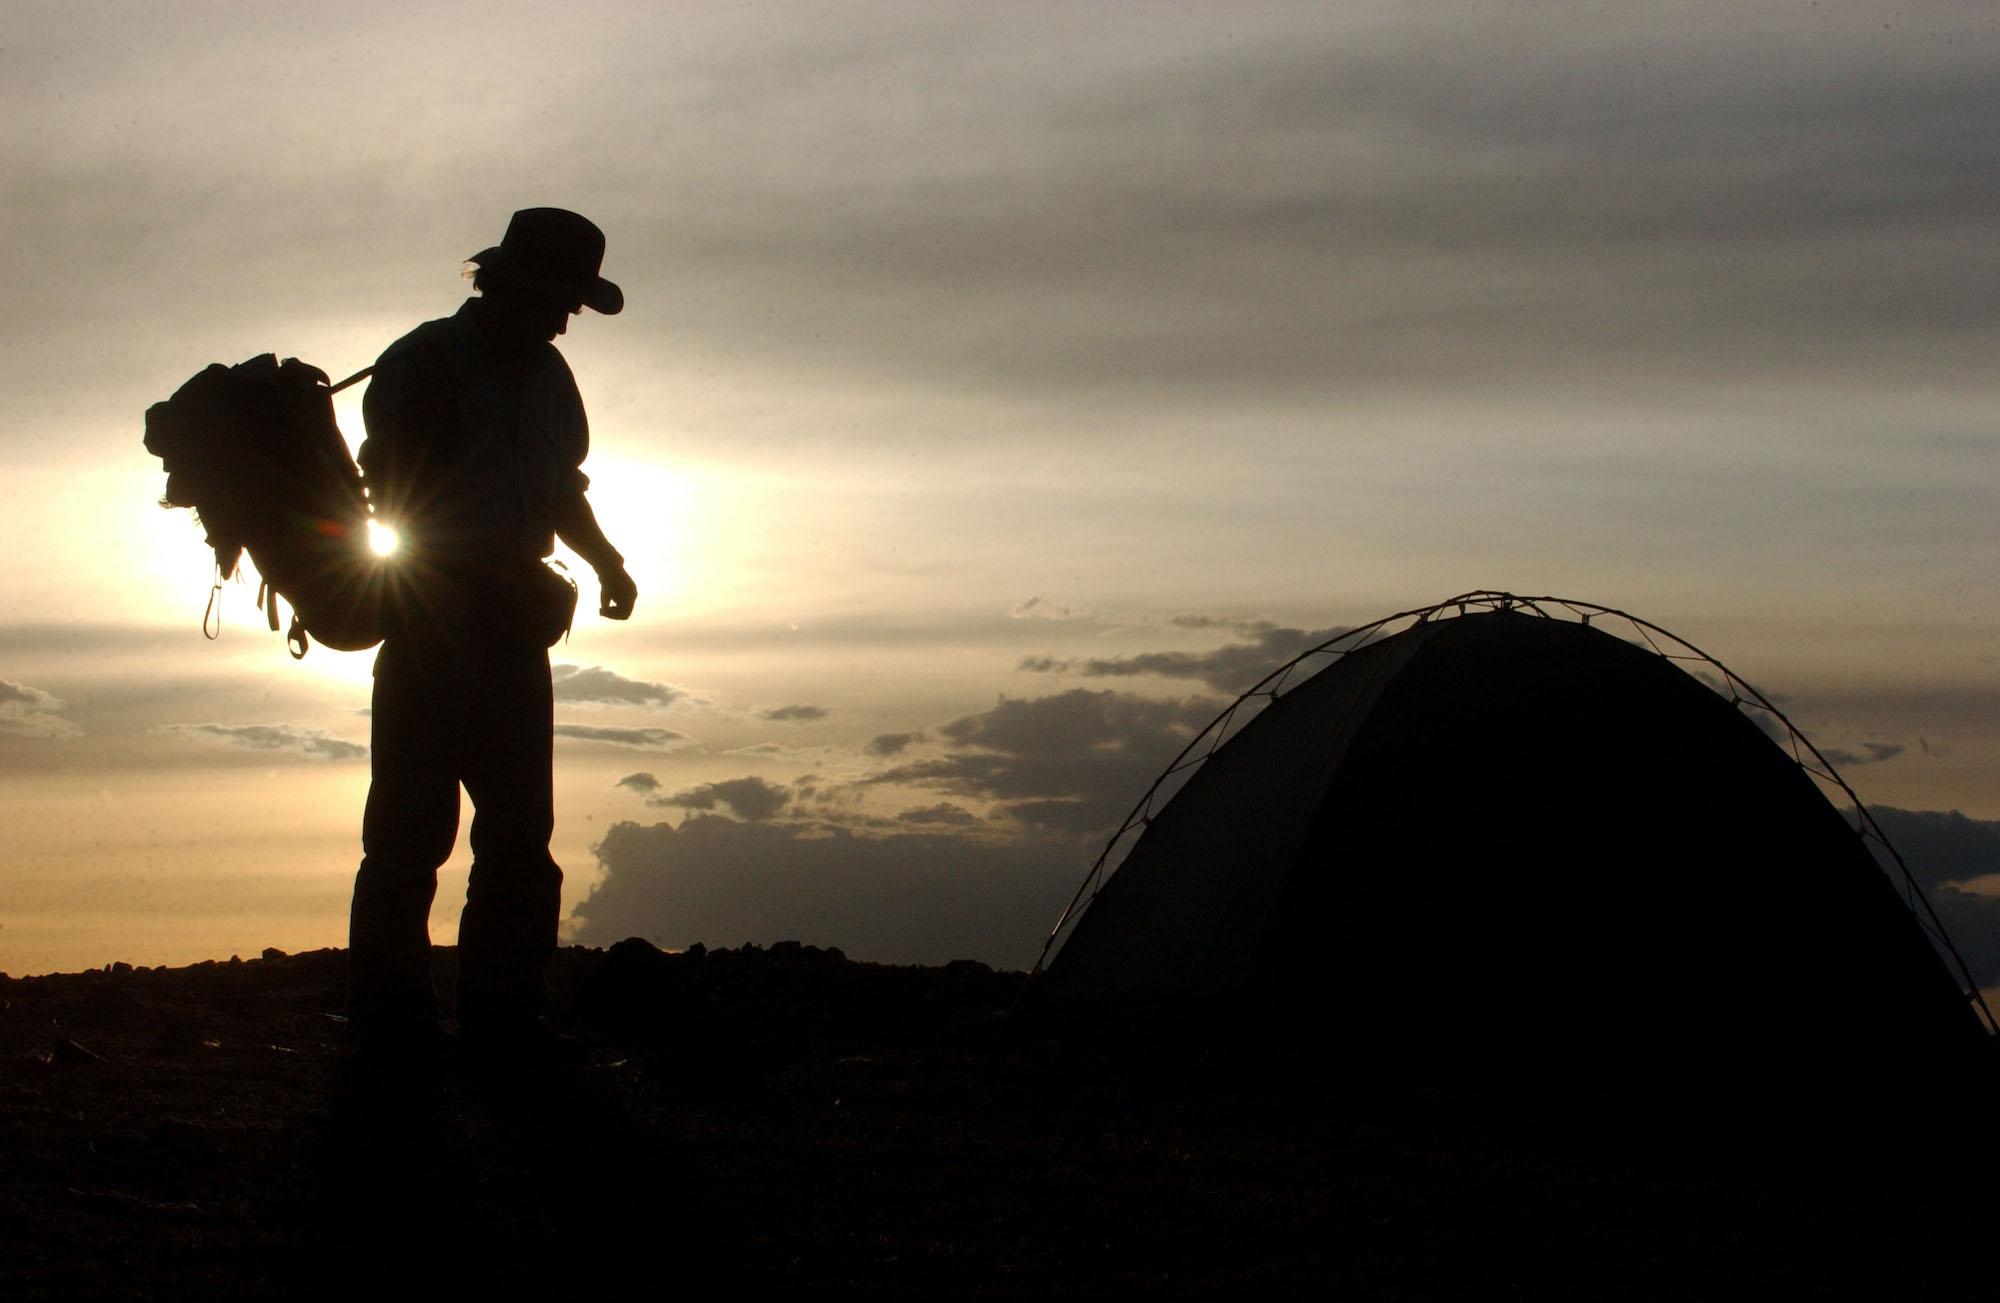 Reinhold Messner - Desierto de Gobi